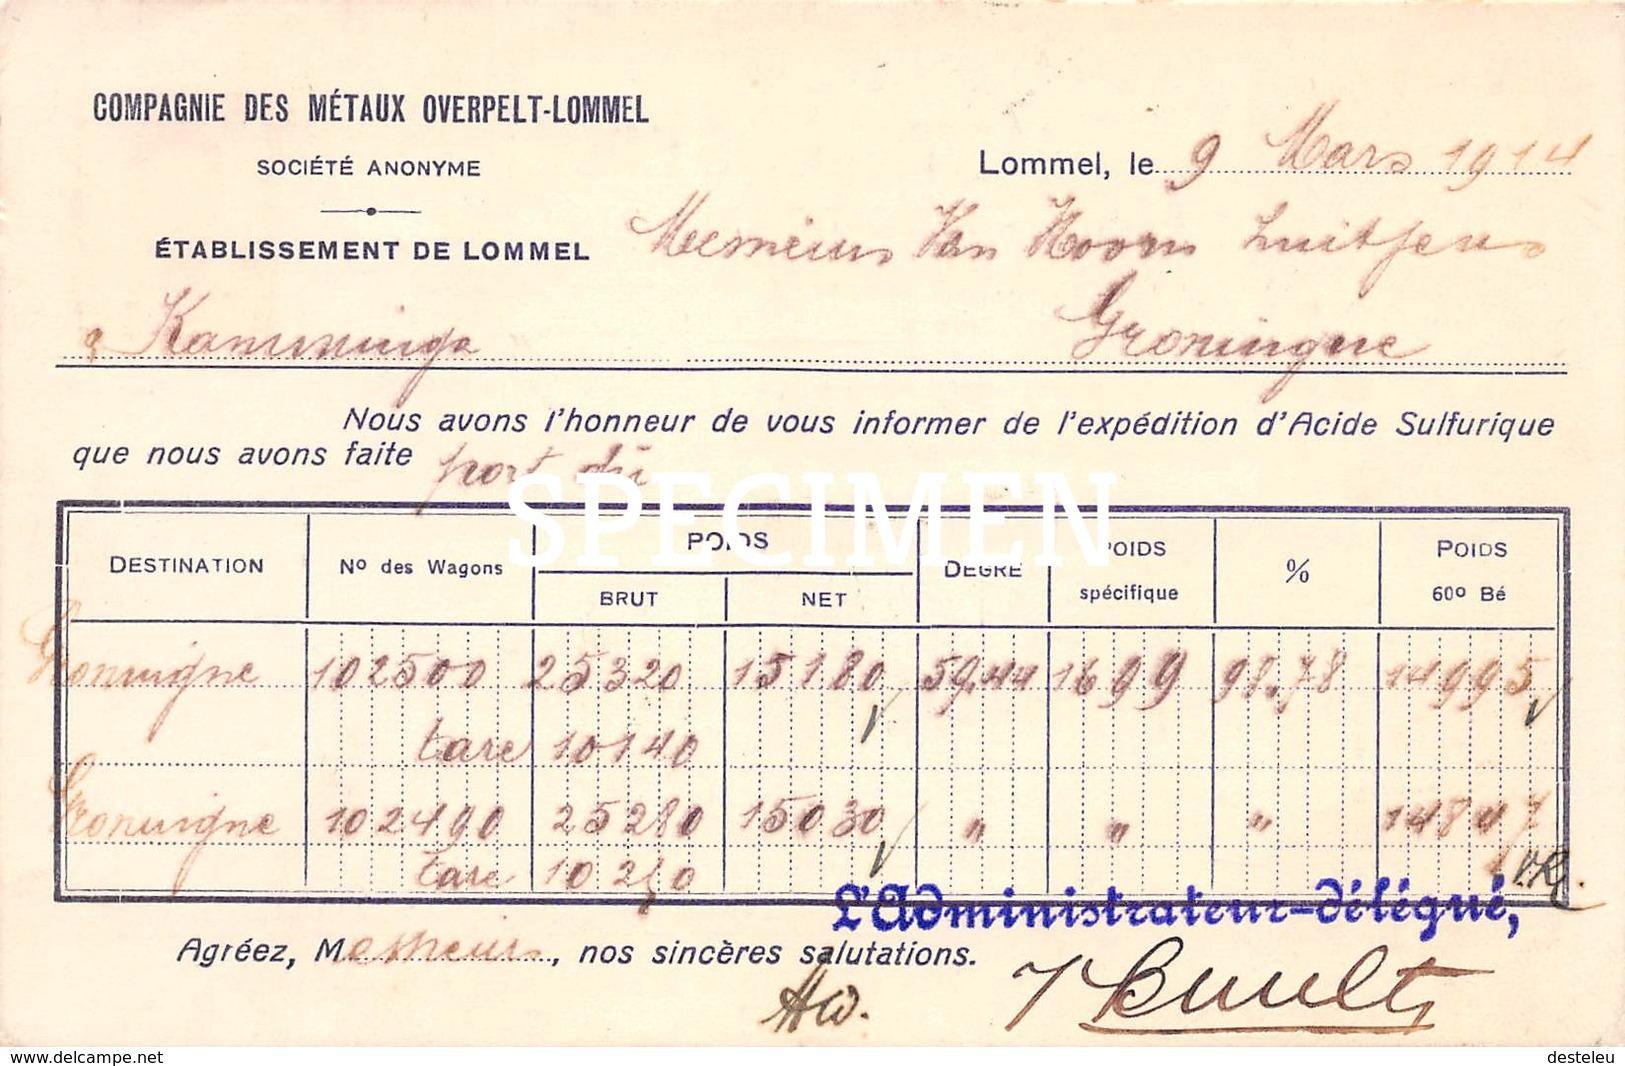 Compagnie Des Métaux Overpelt-Lommel - Overpelt - Lommel - Overpelt